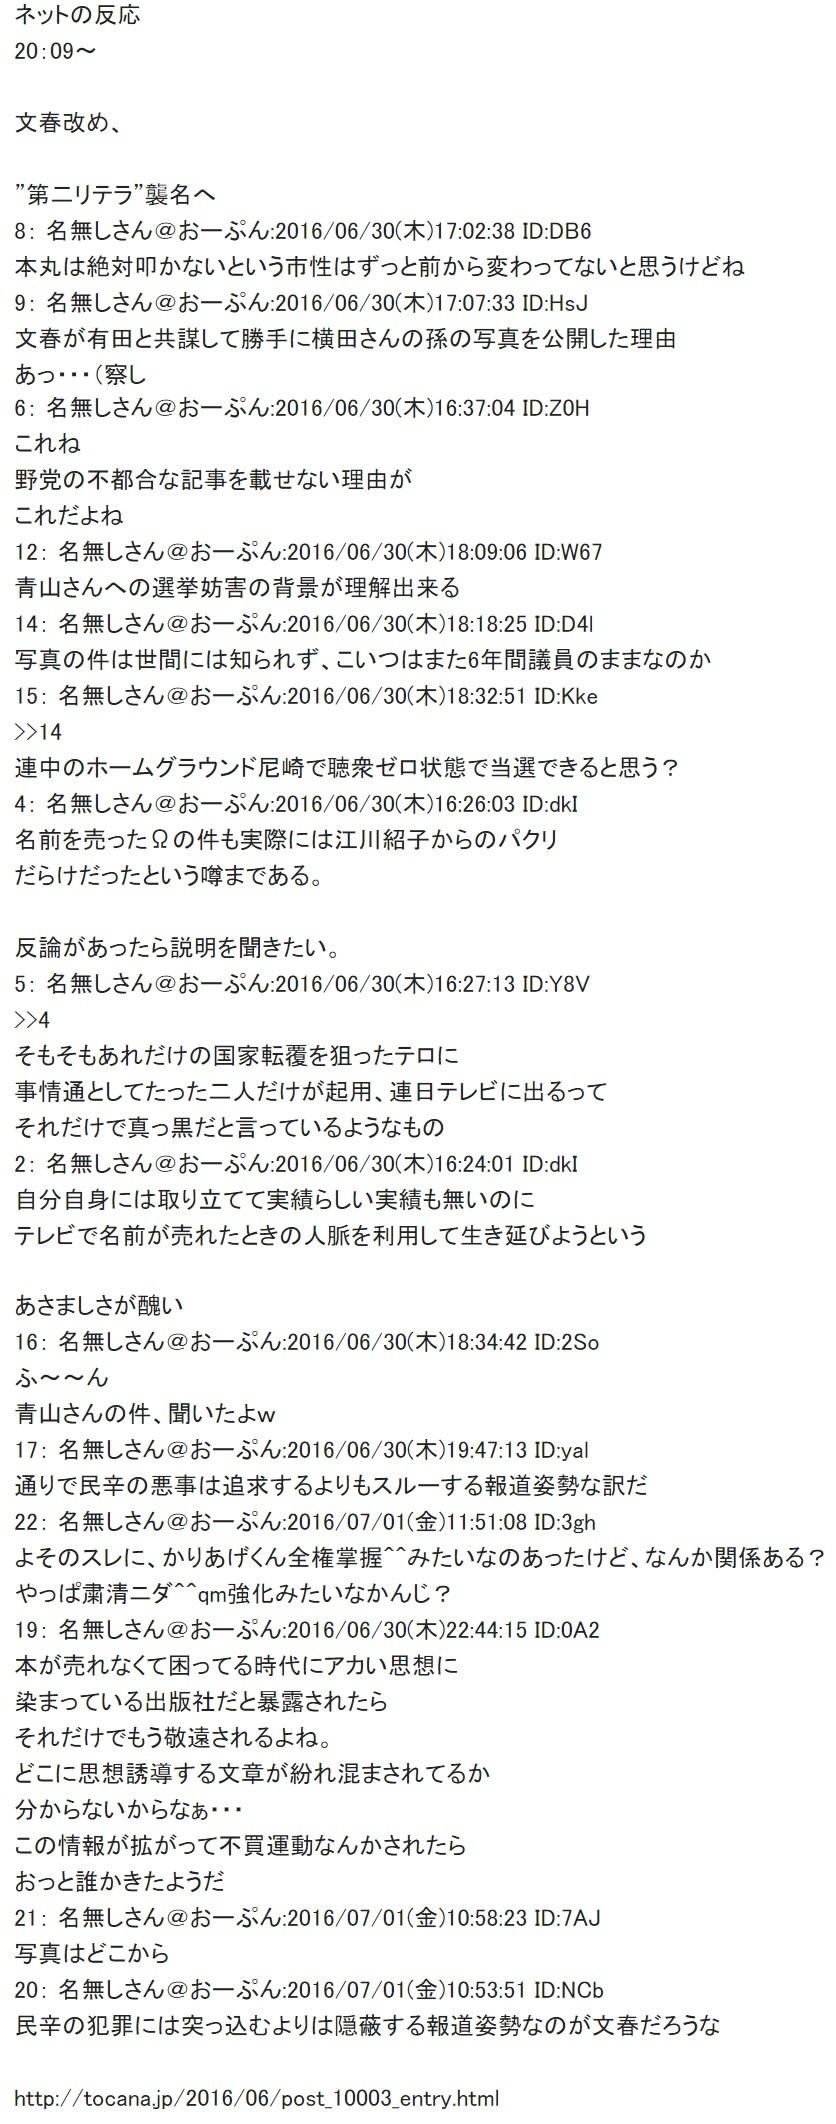 有田ヨシフの応援雑誌文春2